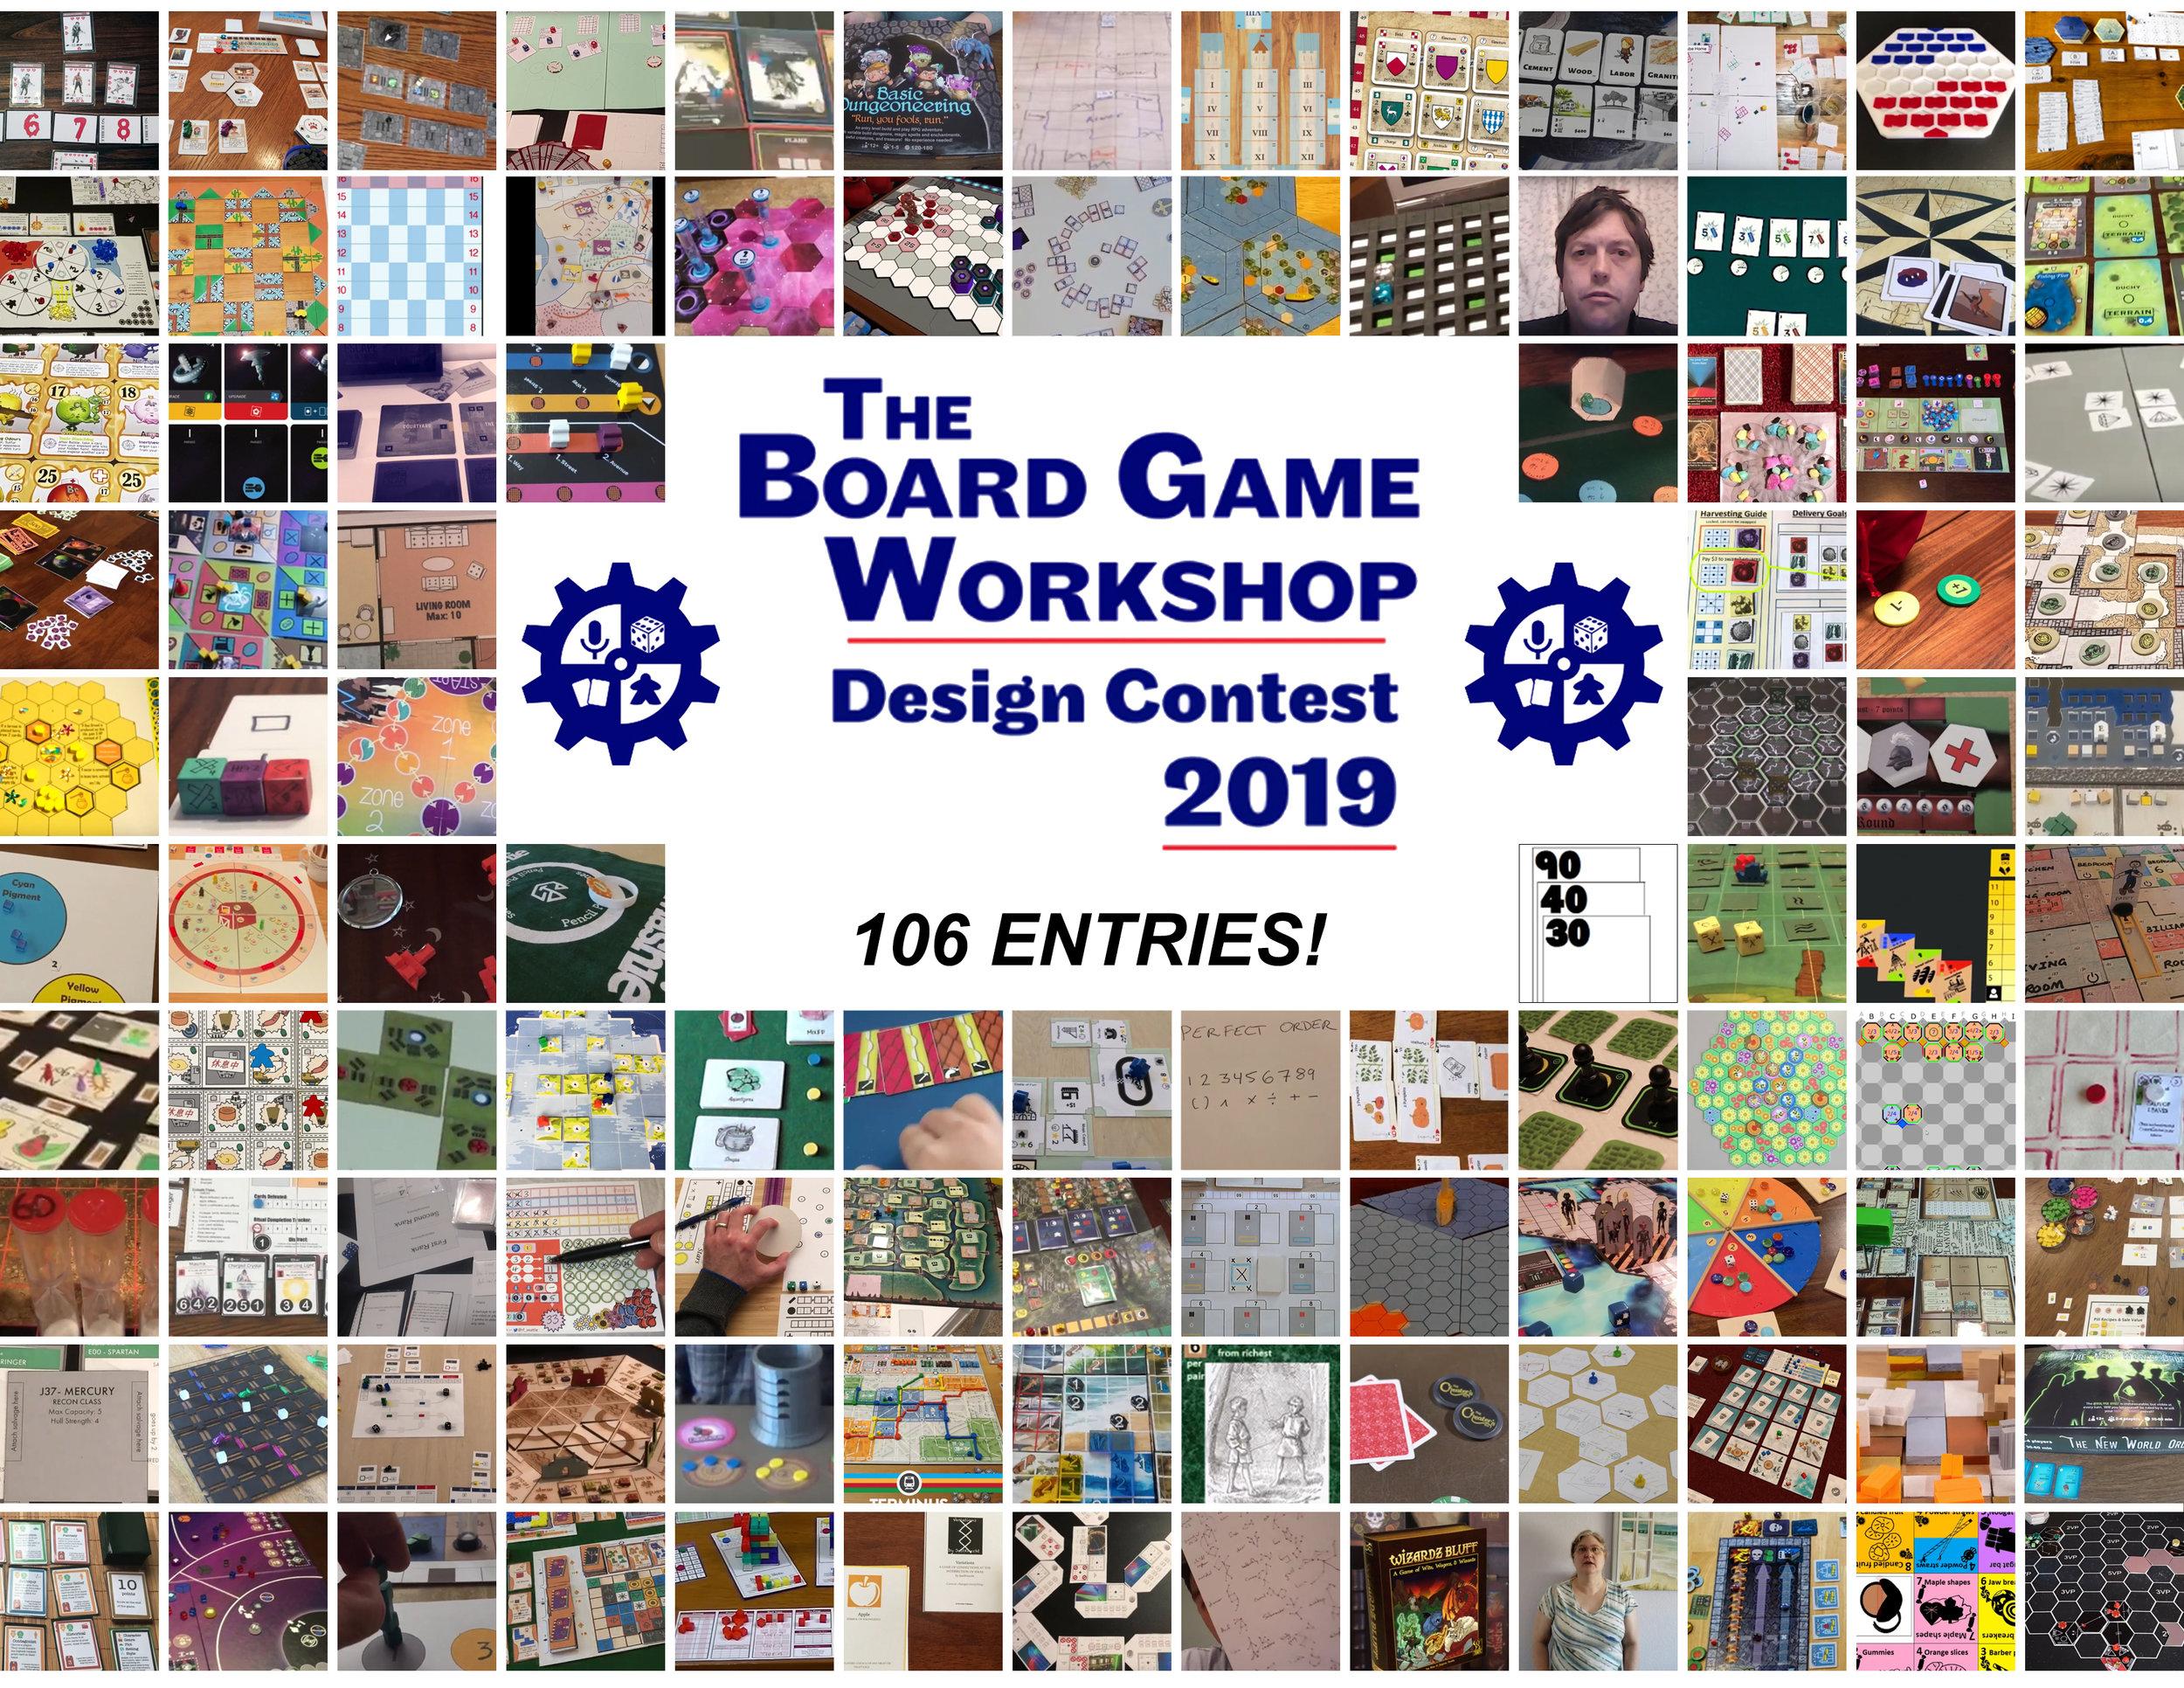 BGDW Design Contest Collage.jpg